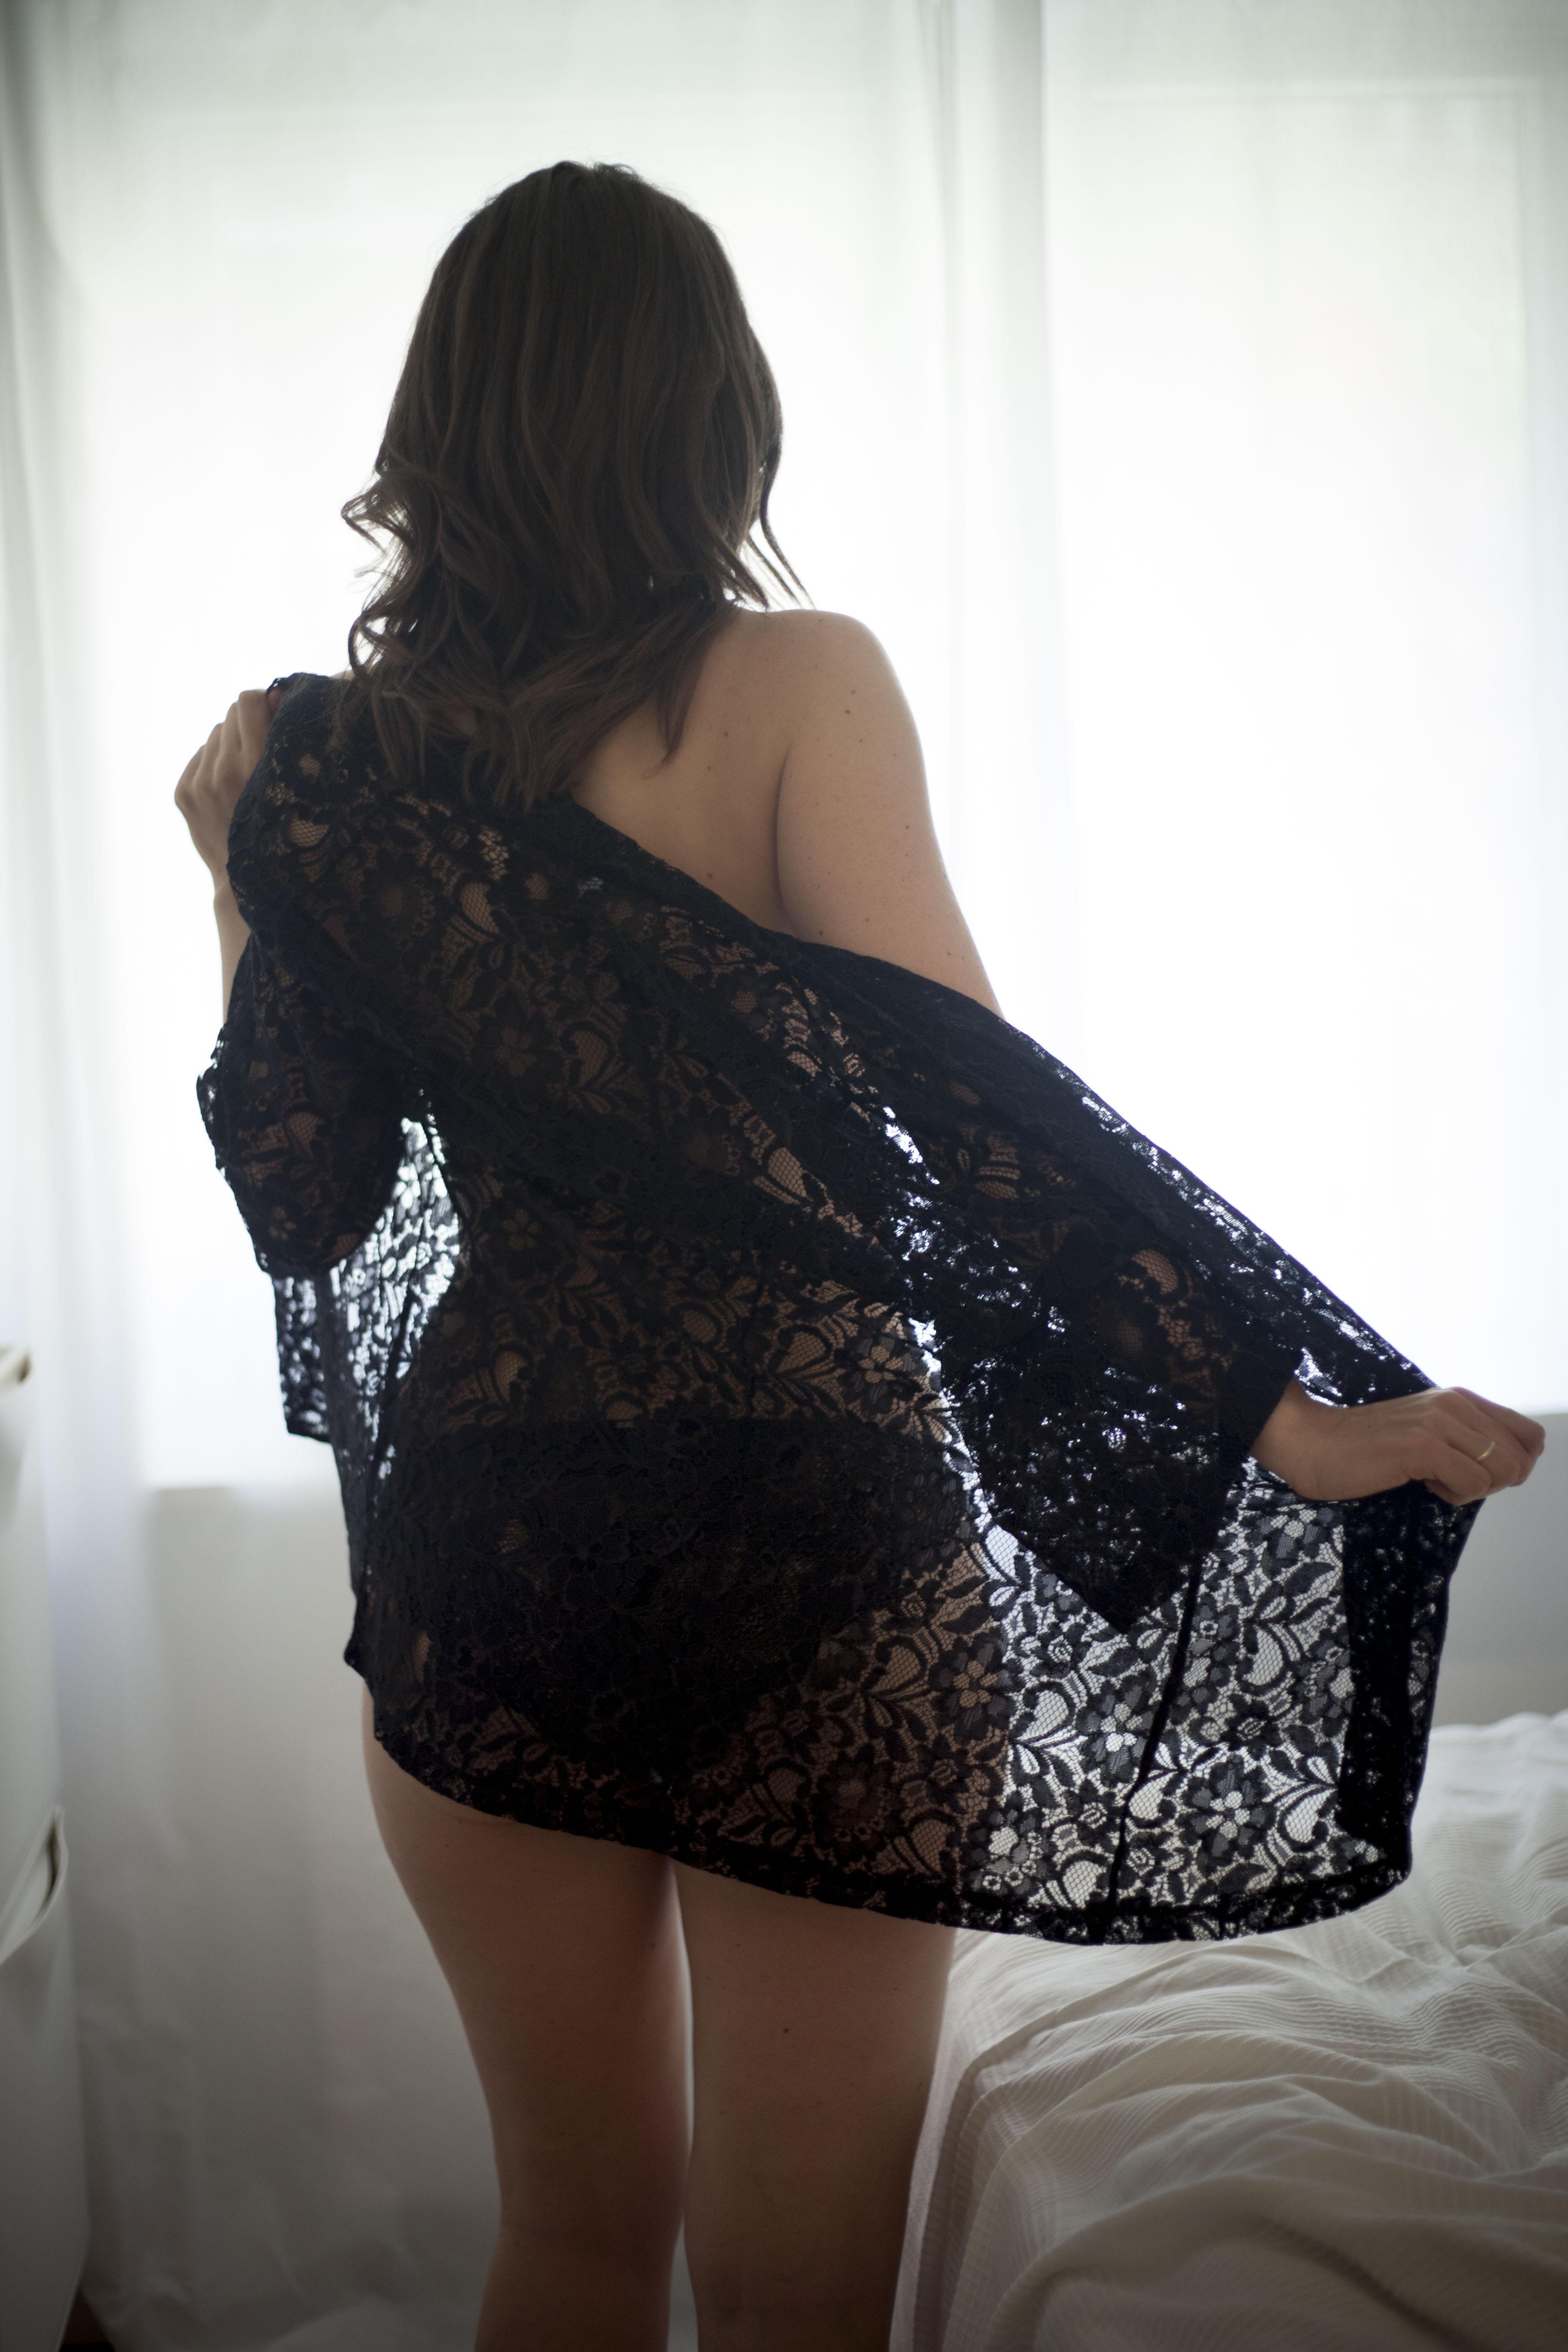 Boudoir billeder undertøj morgengave